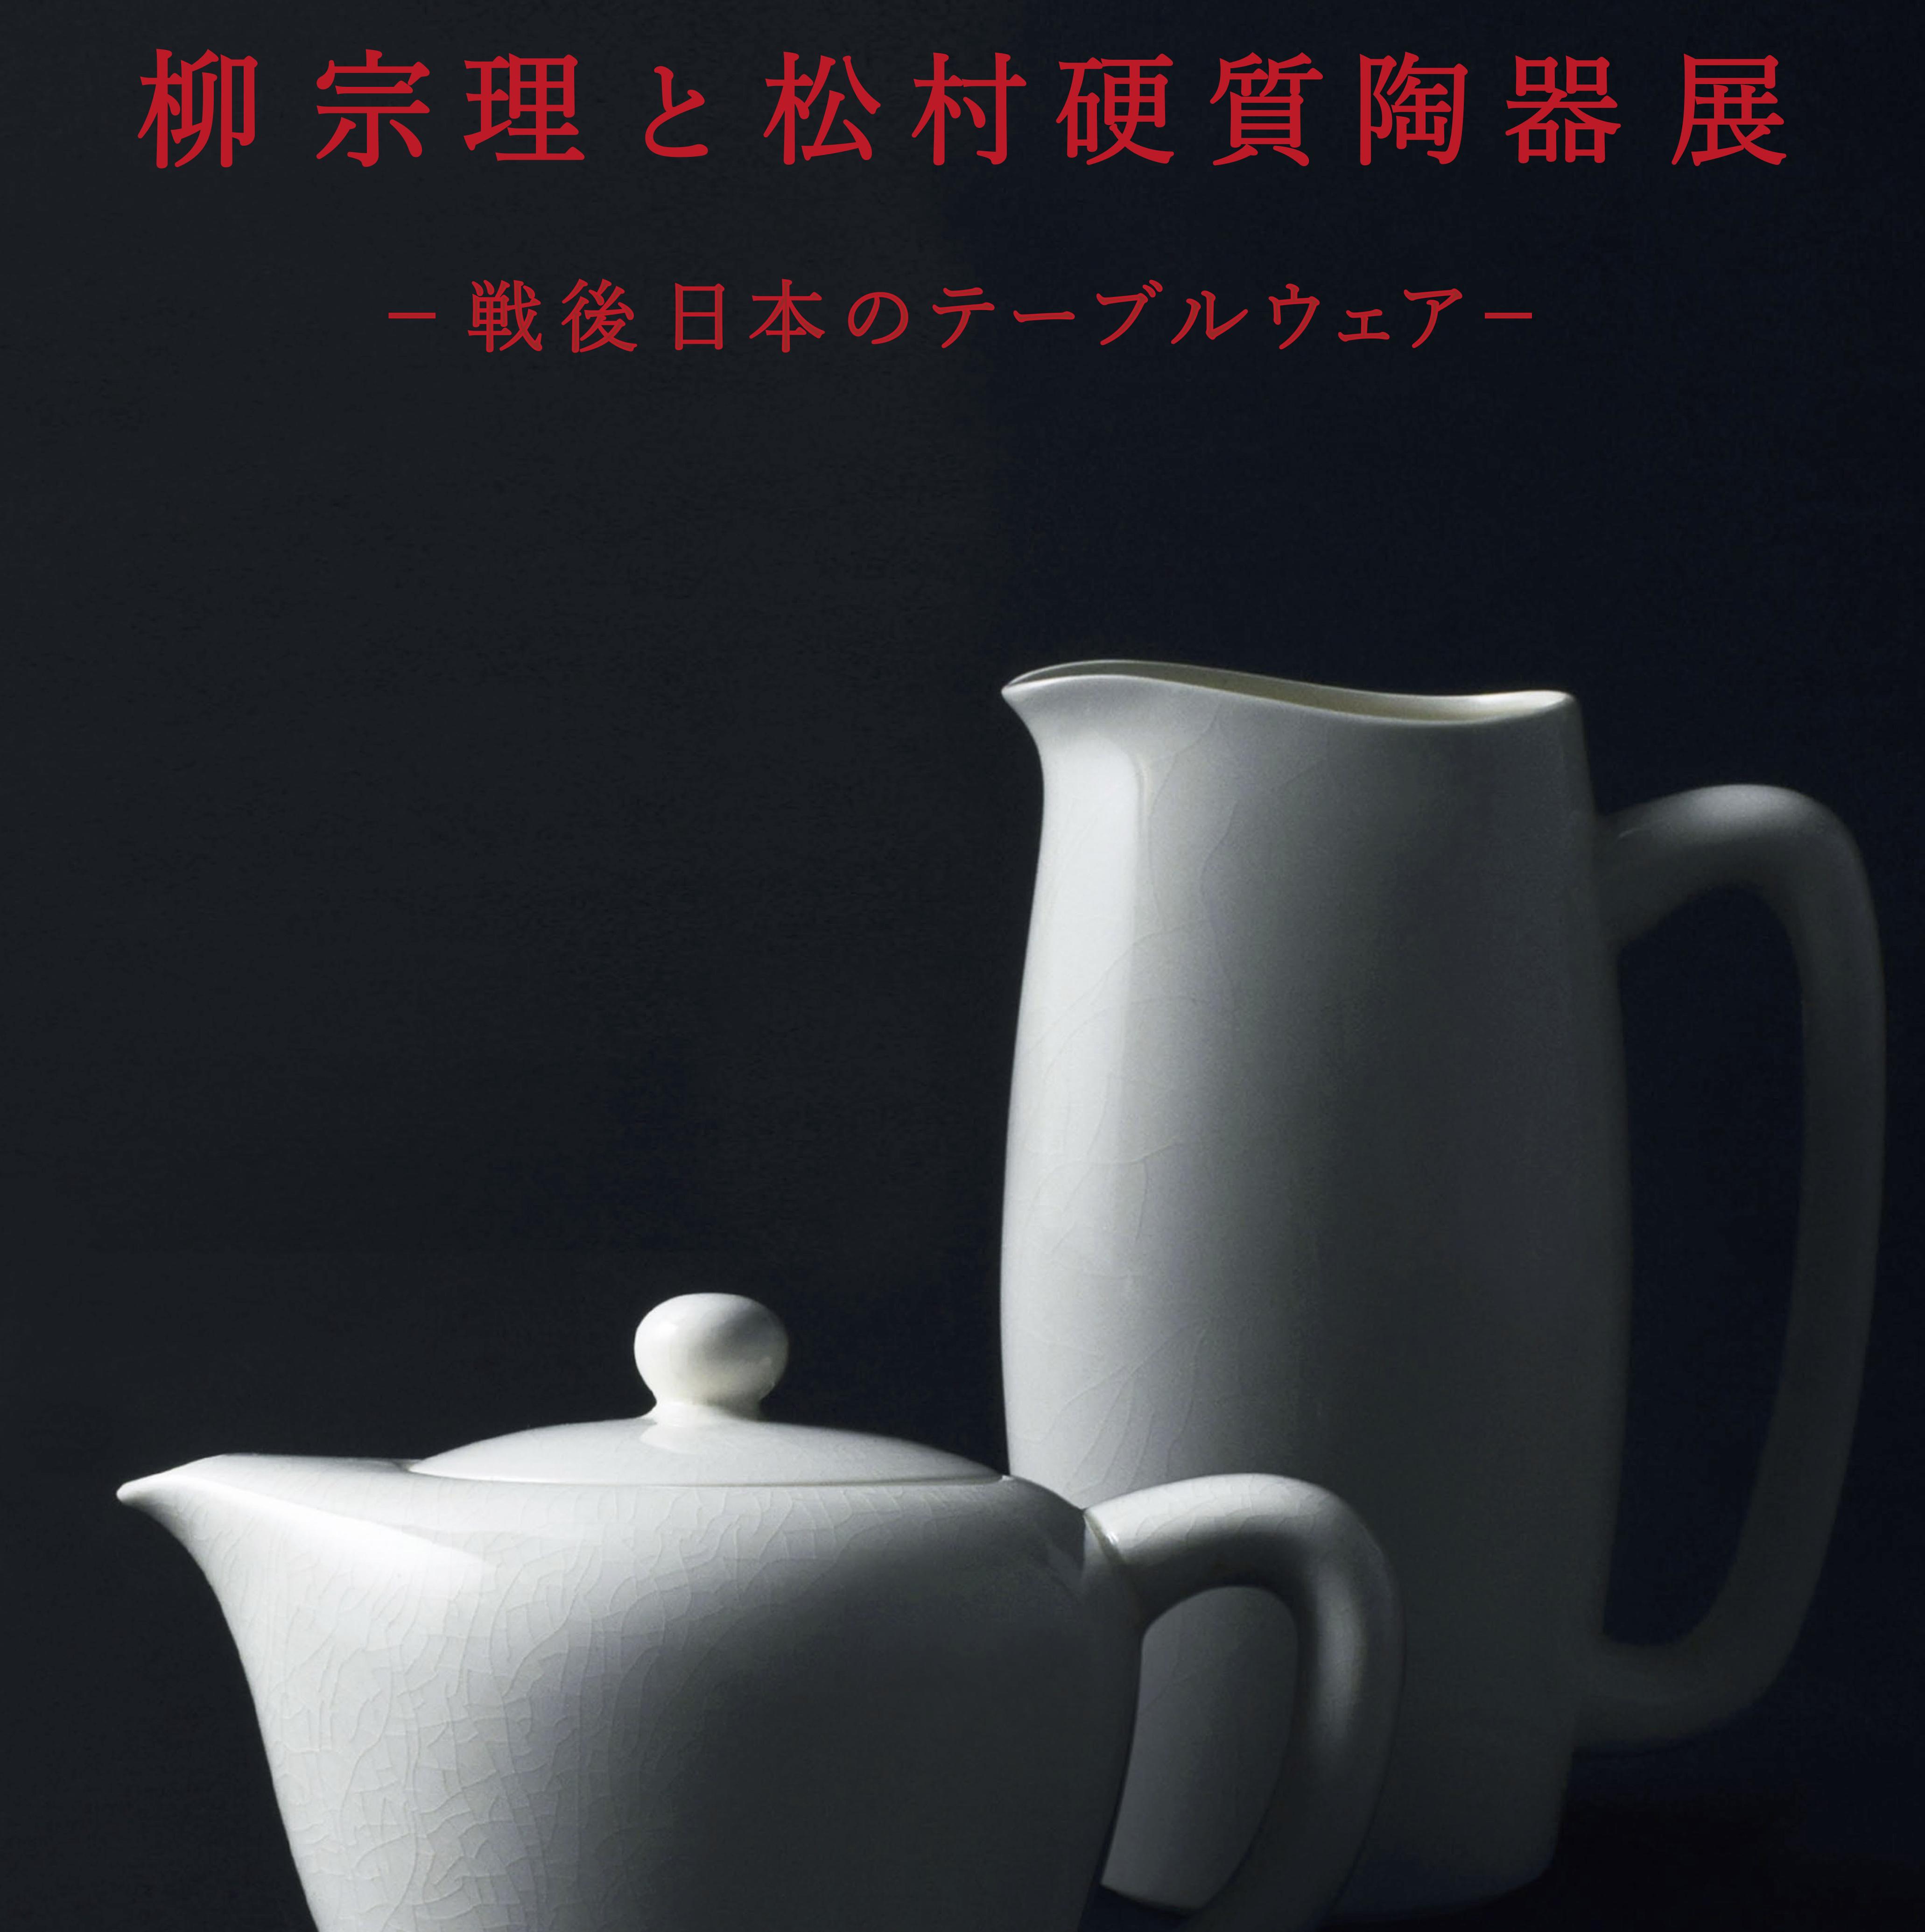 講演会「今、陶磁器デザインがおもしろい!」